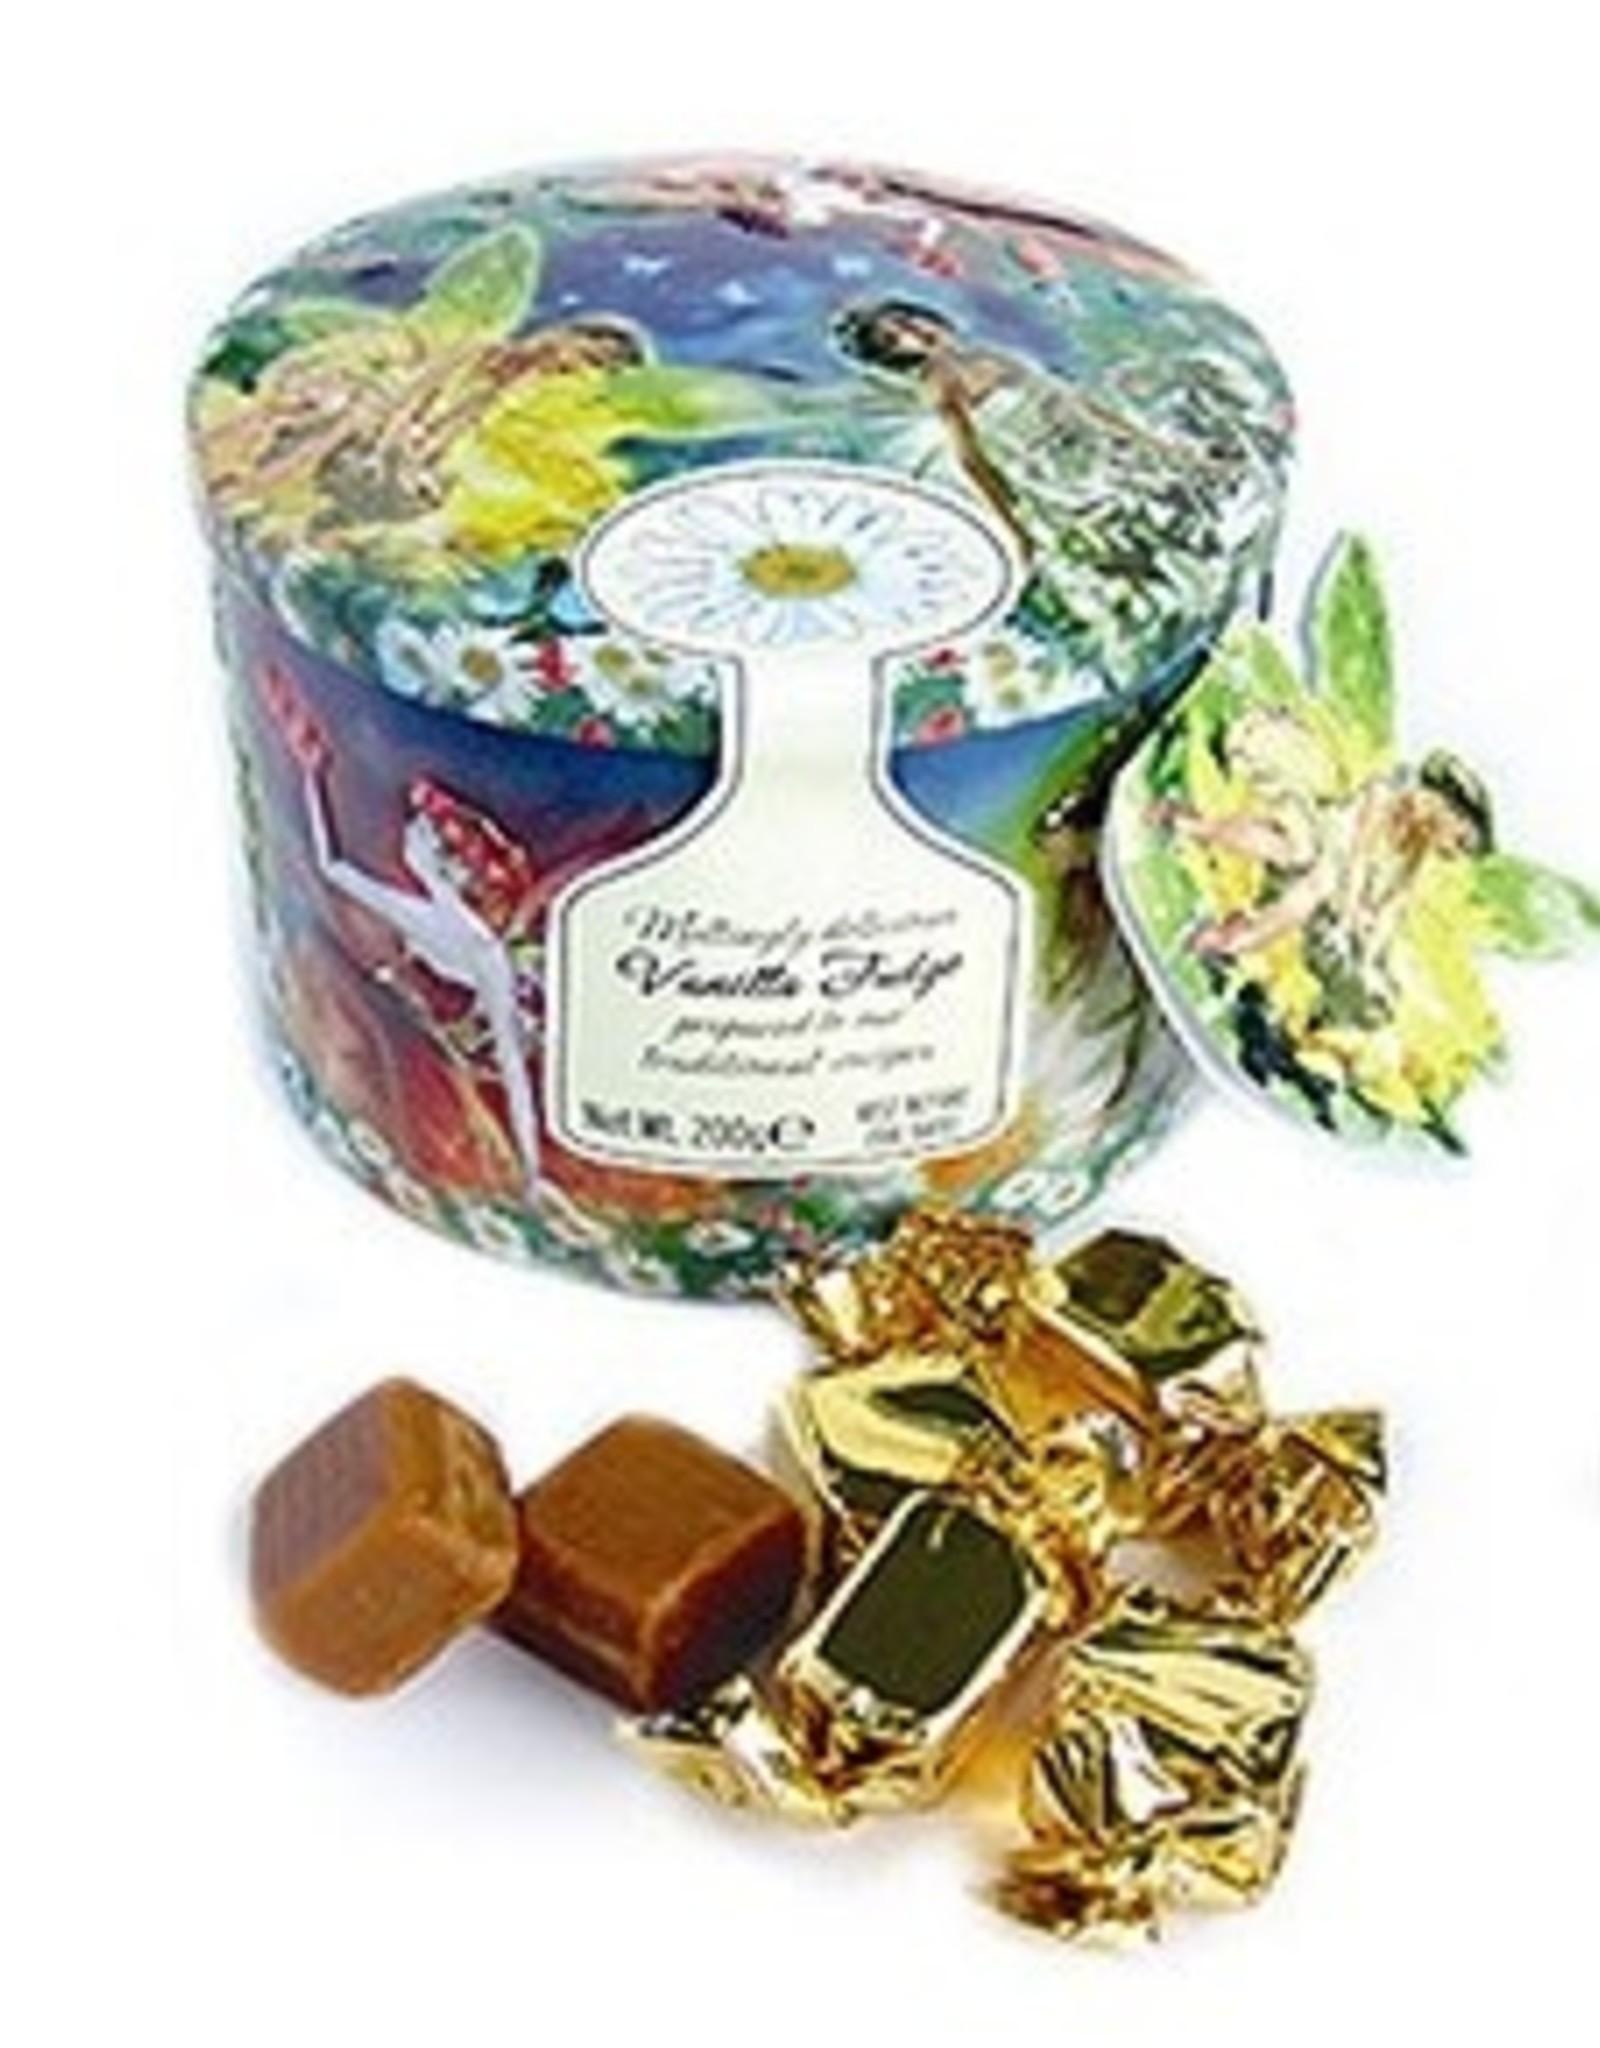 Fairy tin vanilla fudge